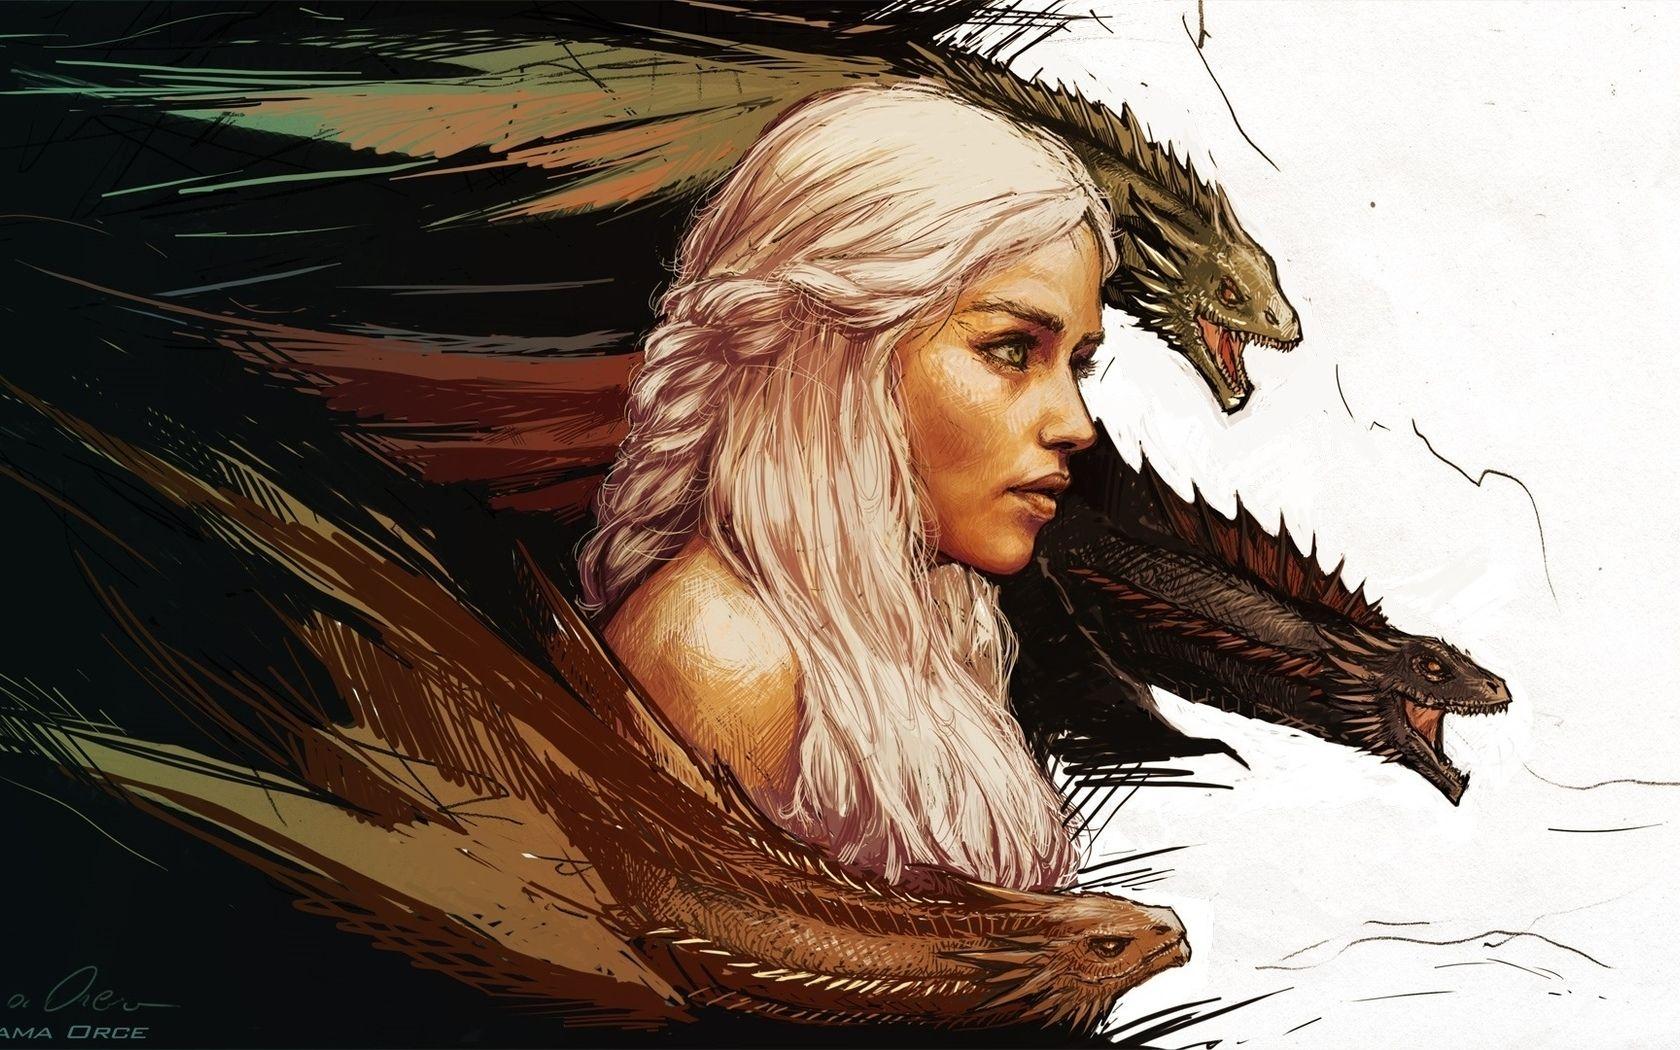 Game of Thrones Daenerys Targaryen picture